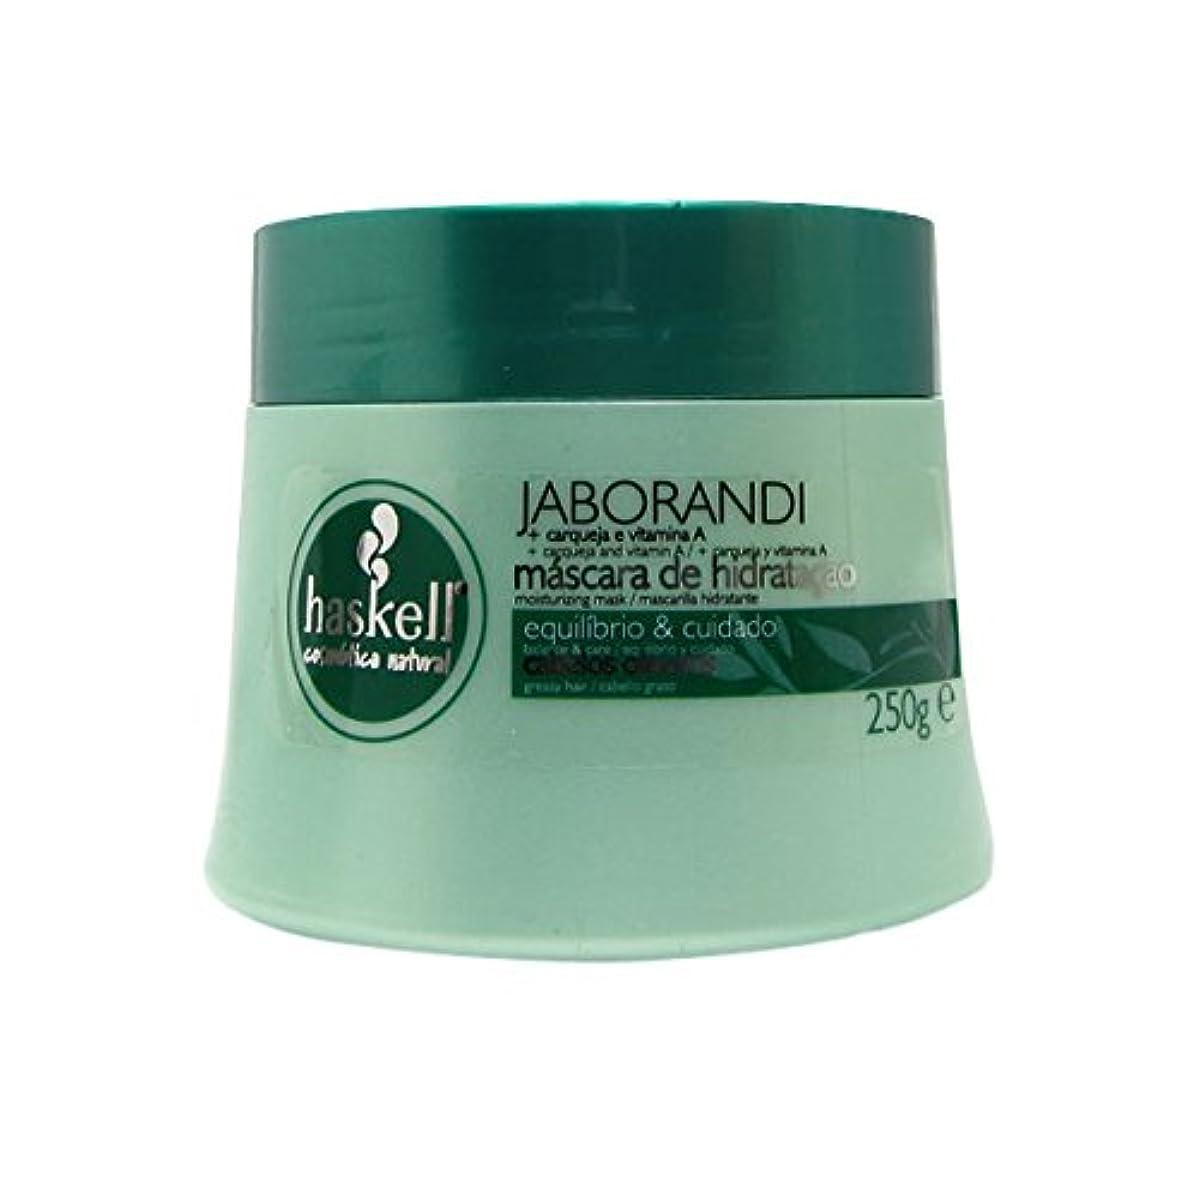 強制的ええタールHaskell Jaborandi Hair Mask 250g [並行輸入品]